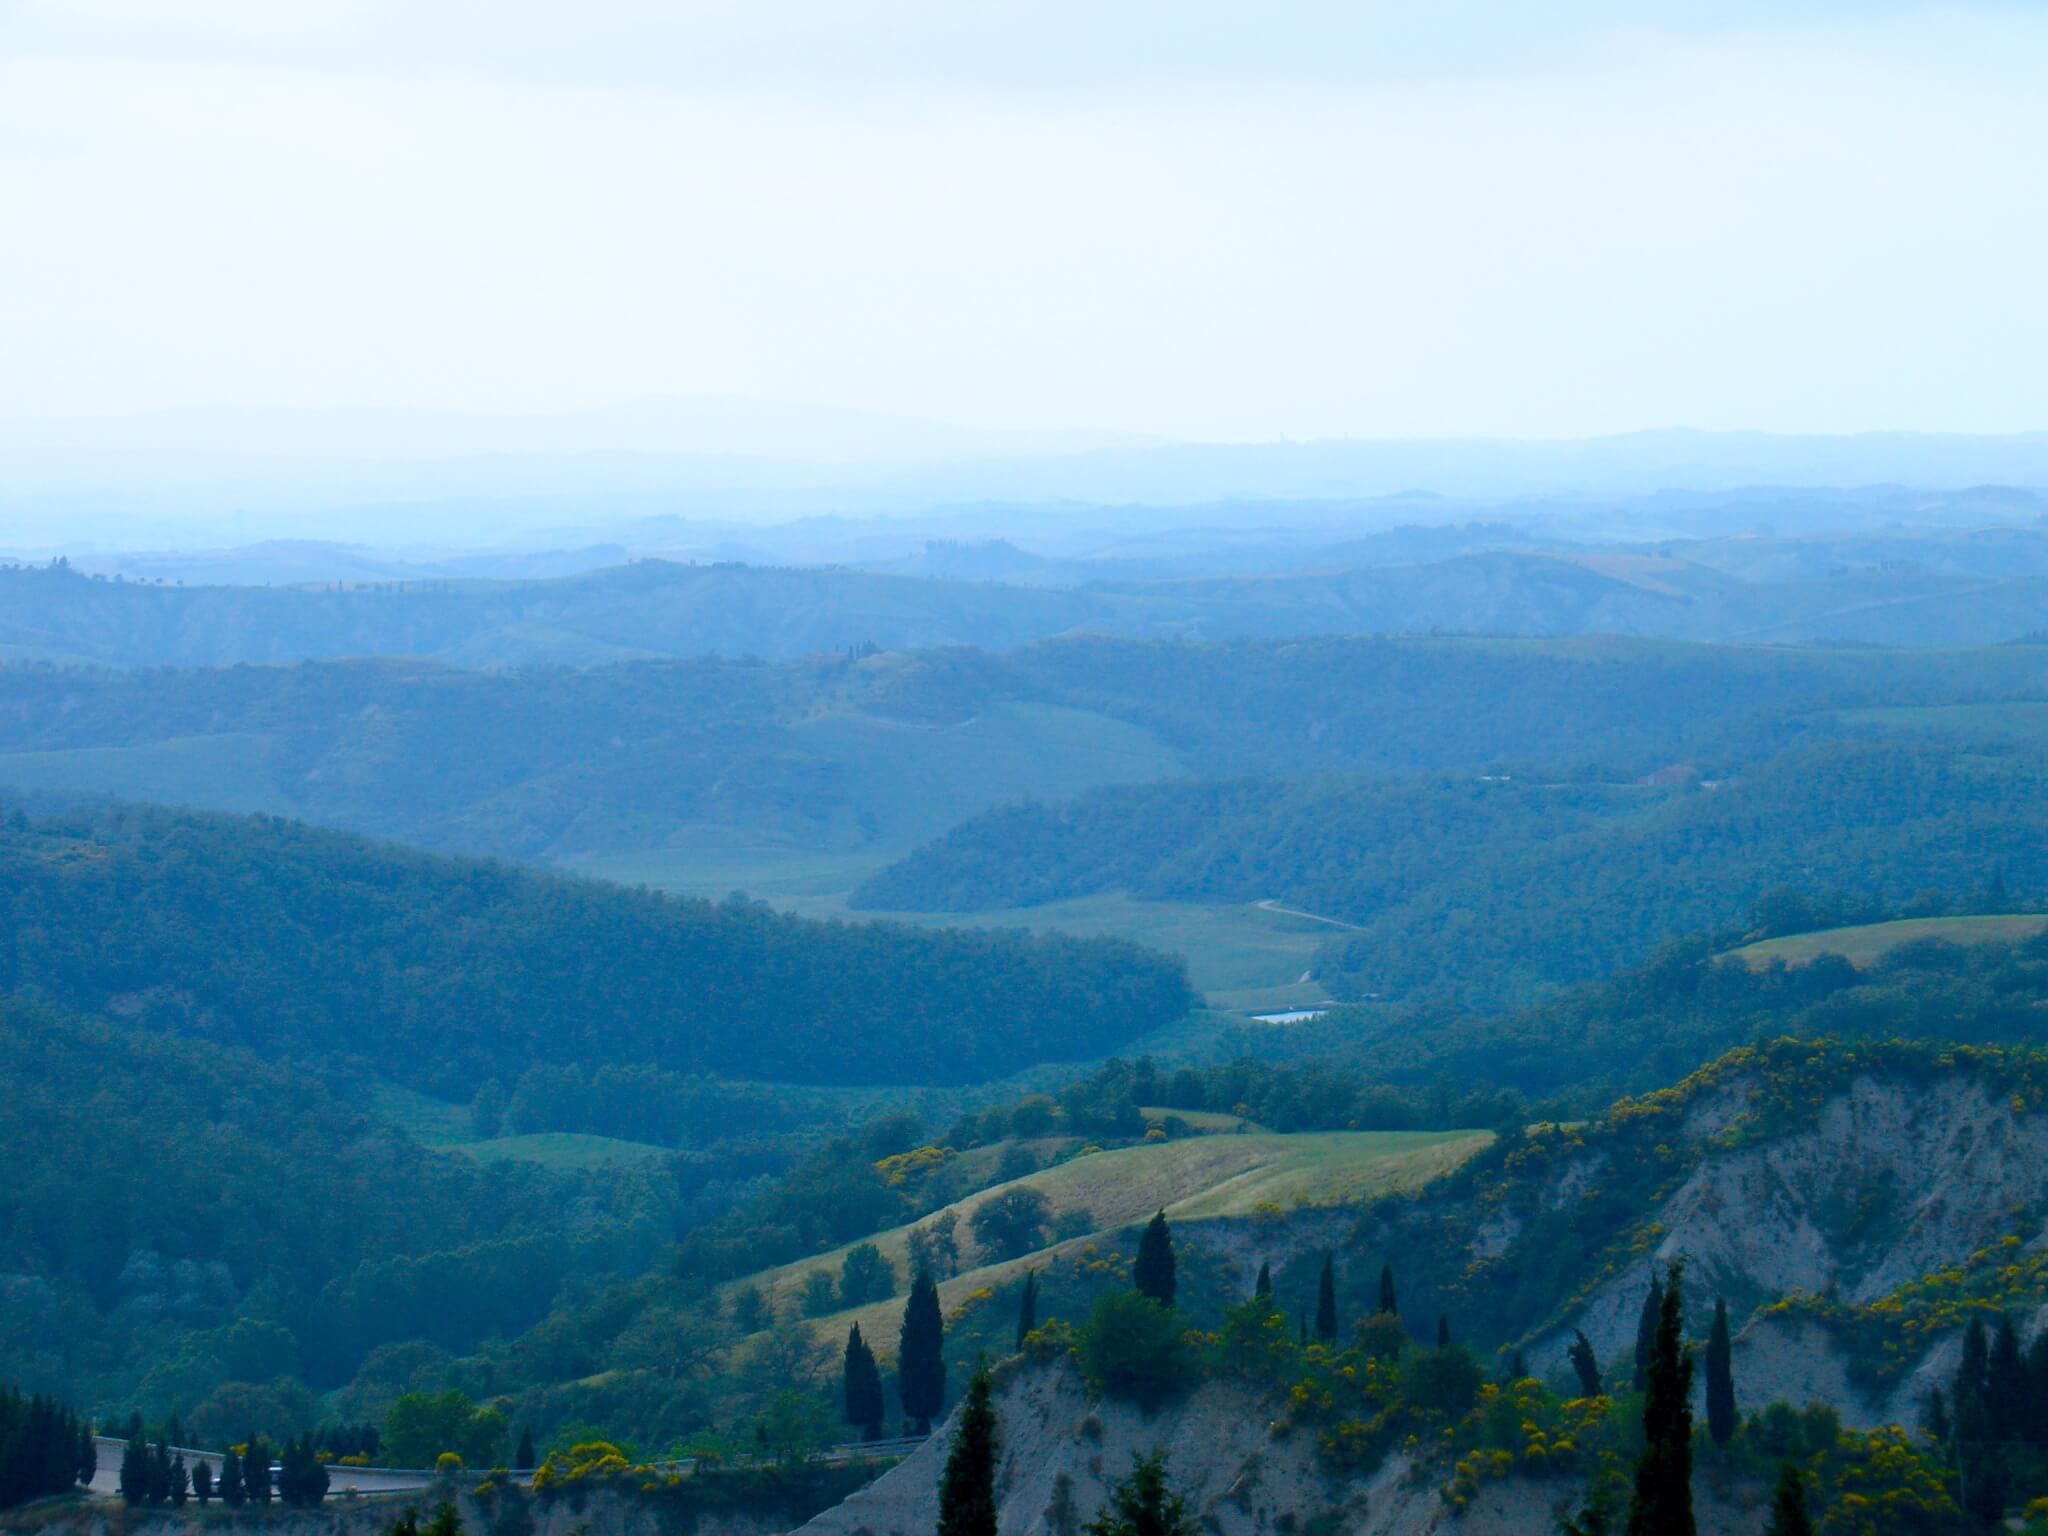 Воздушная перспектива лучше всего видна на фотографиях гор. Источник: vitruvianstudio.com